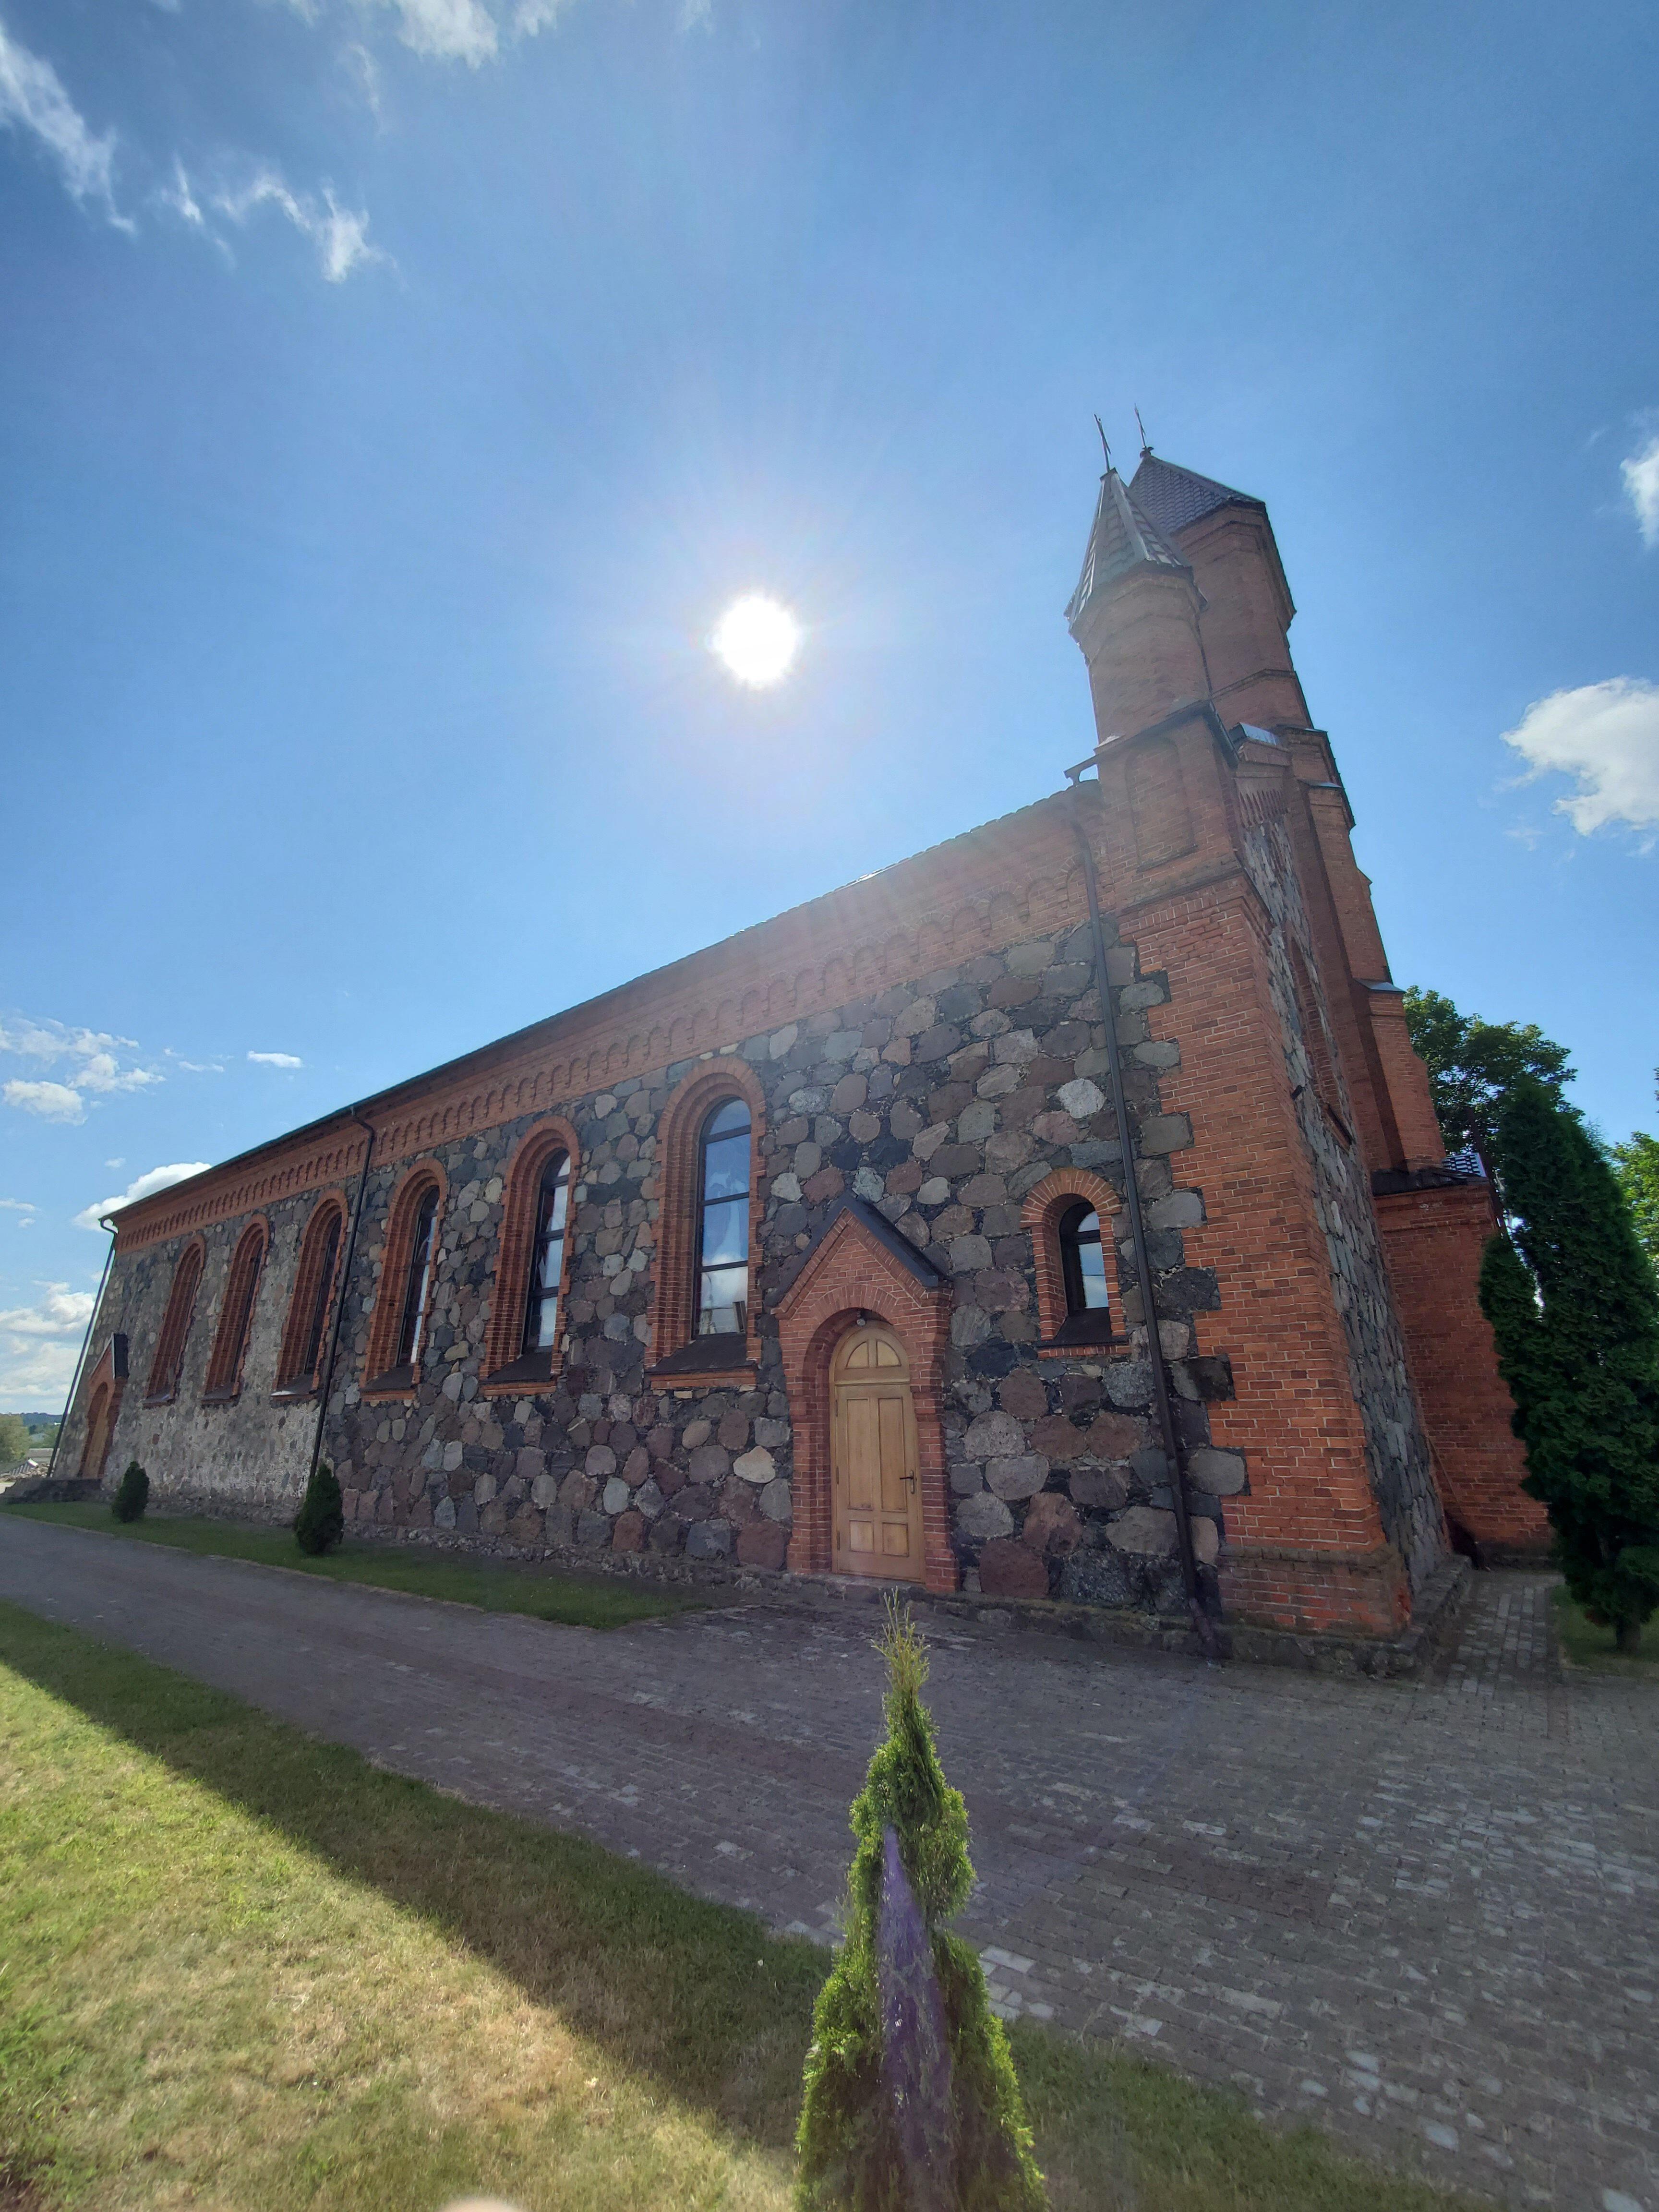 20200801 114044 rotated - Костел Рождества Пресвятой Девы Марии в Браславе